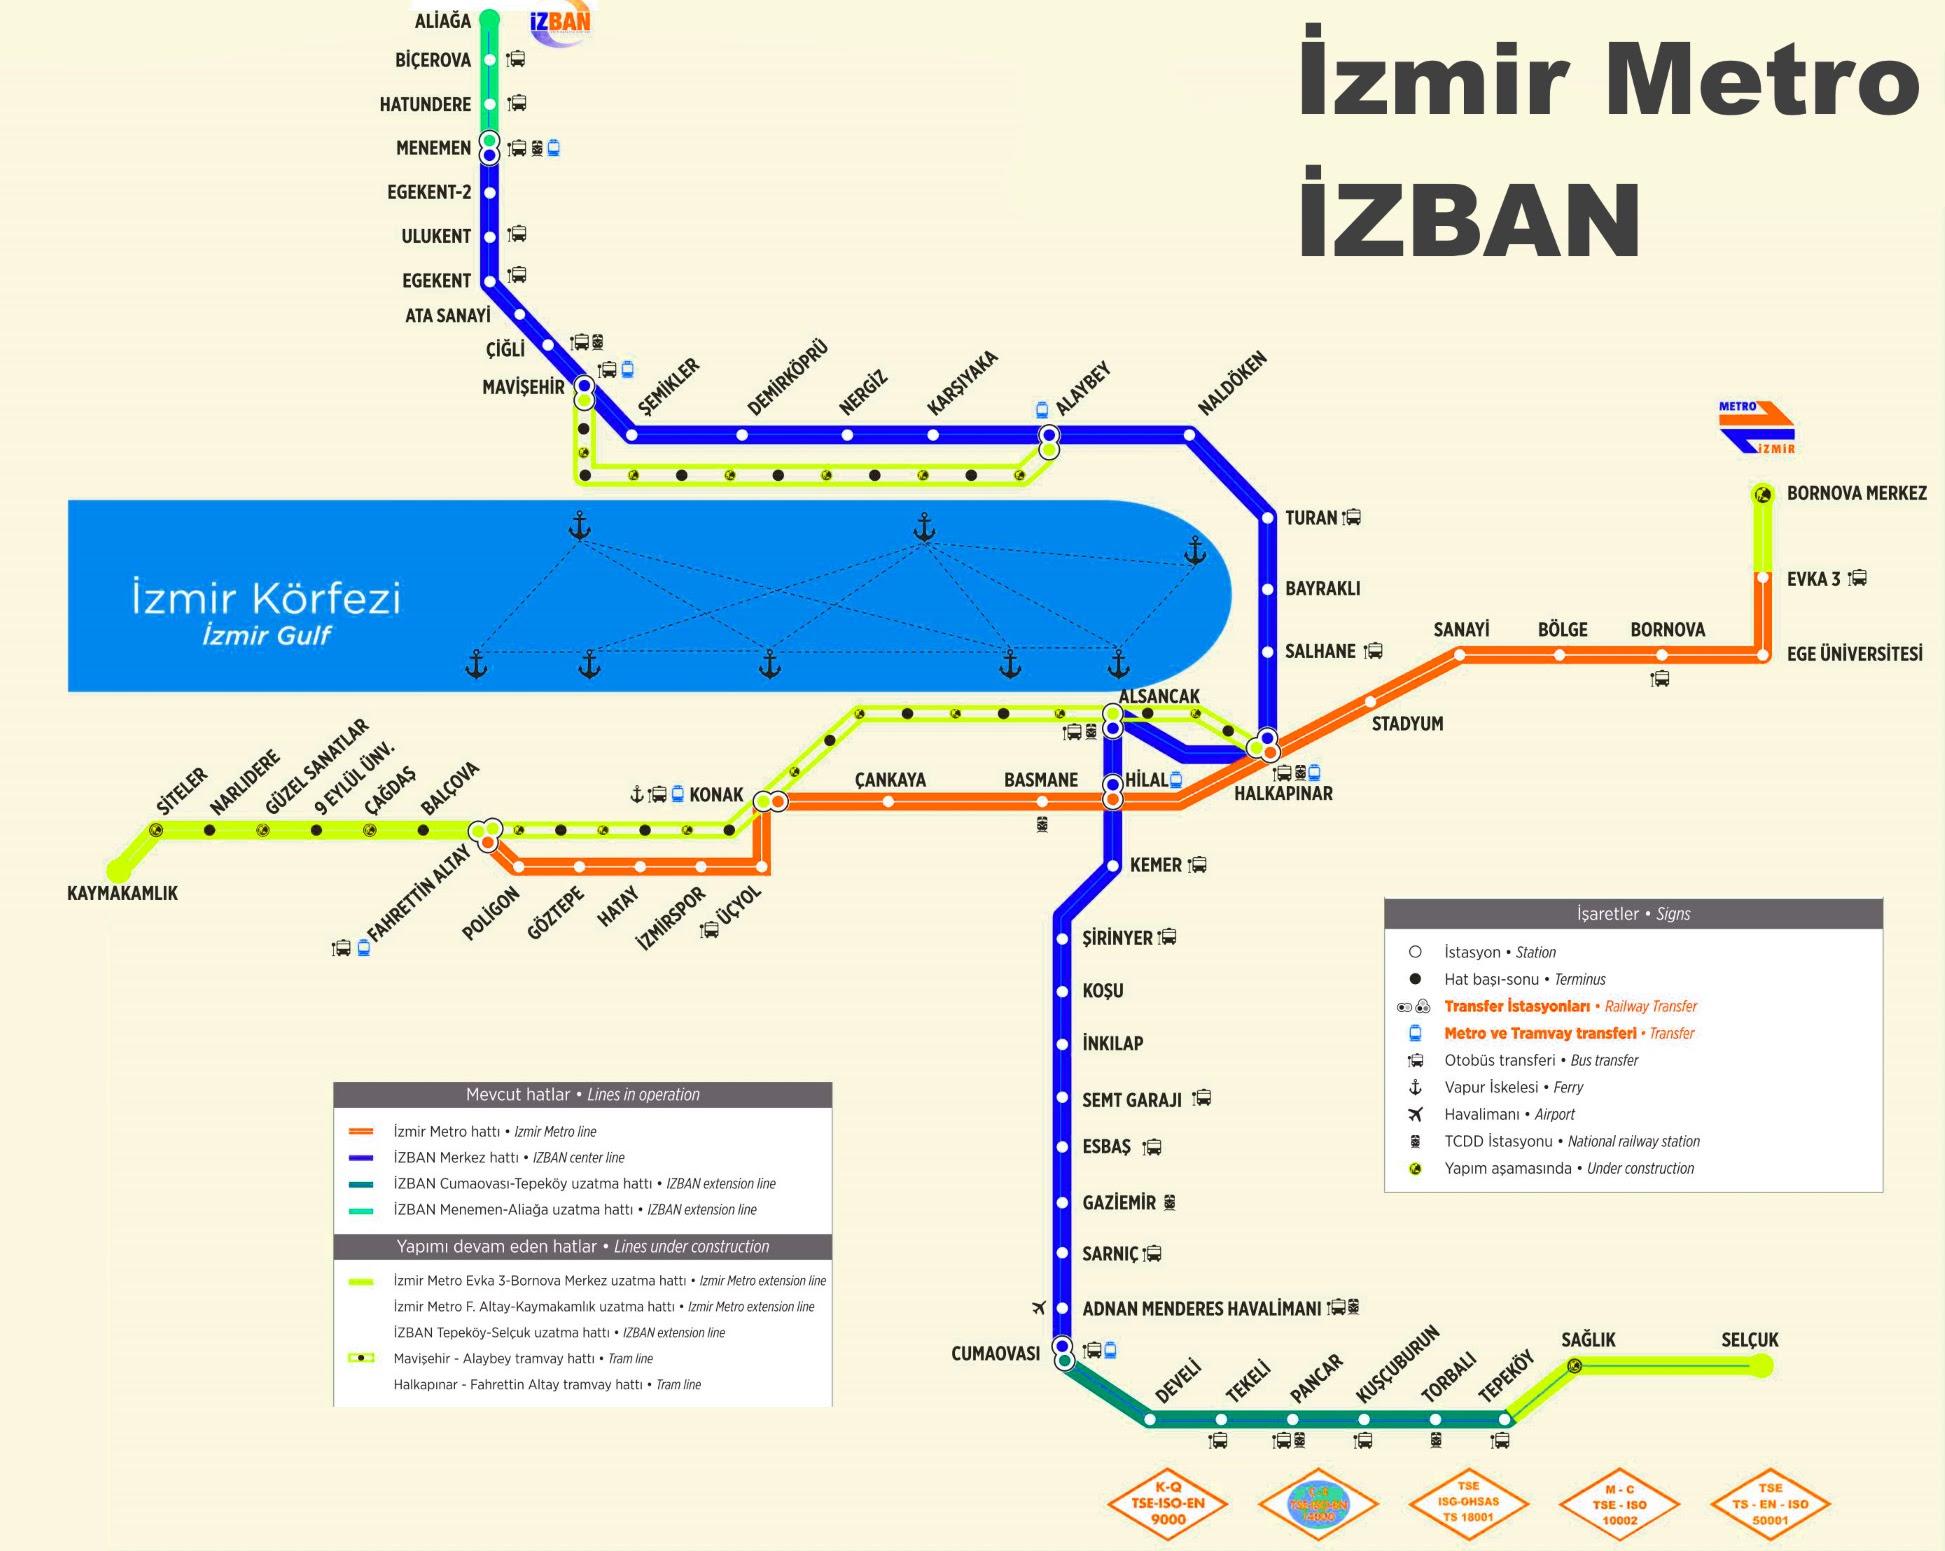 izmir izban metro map